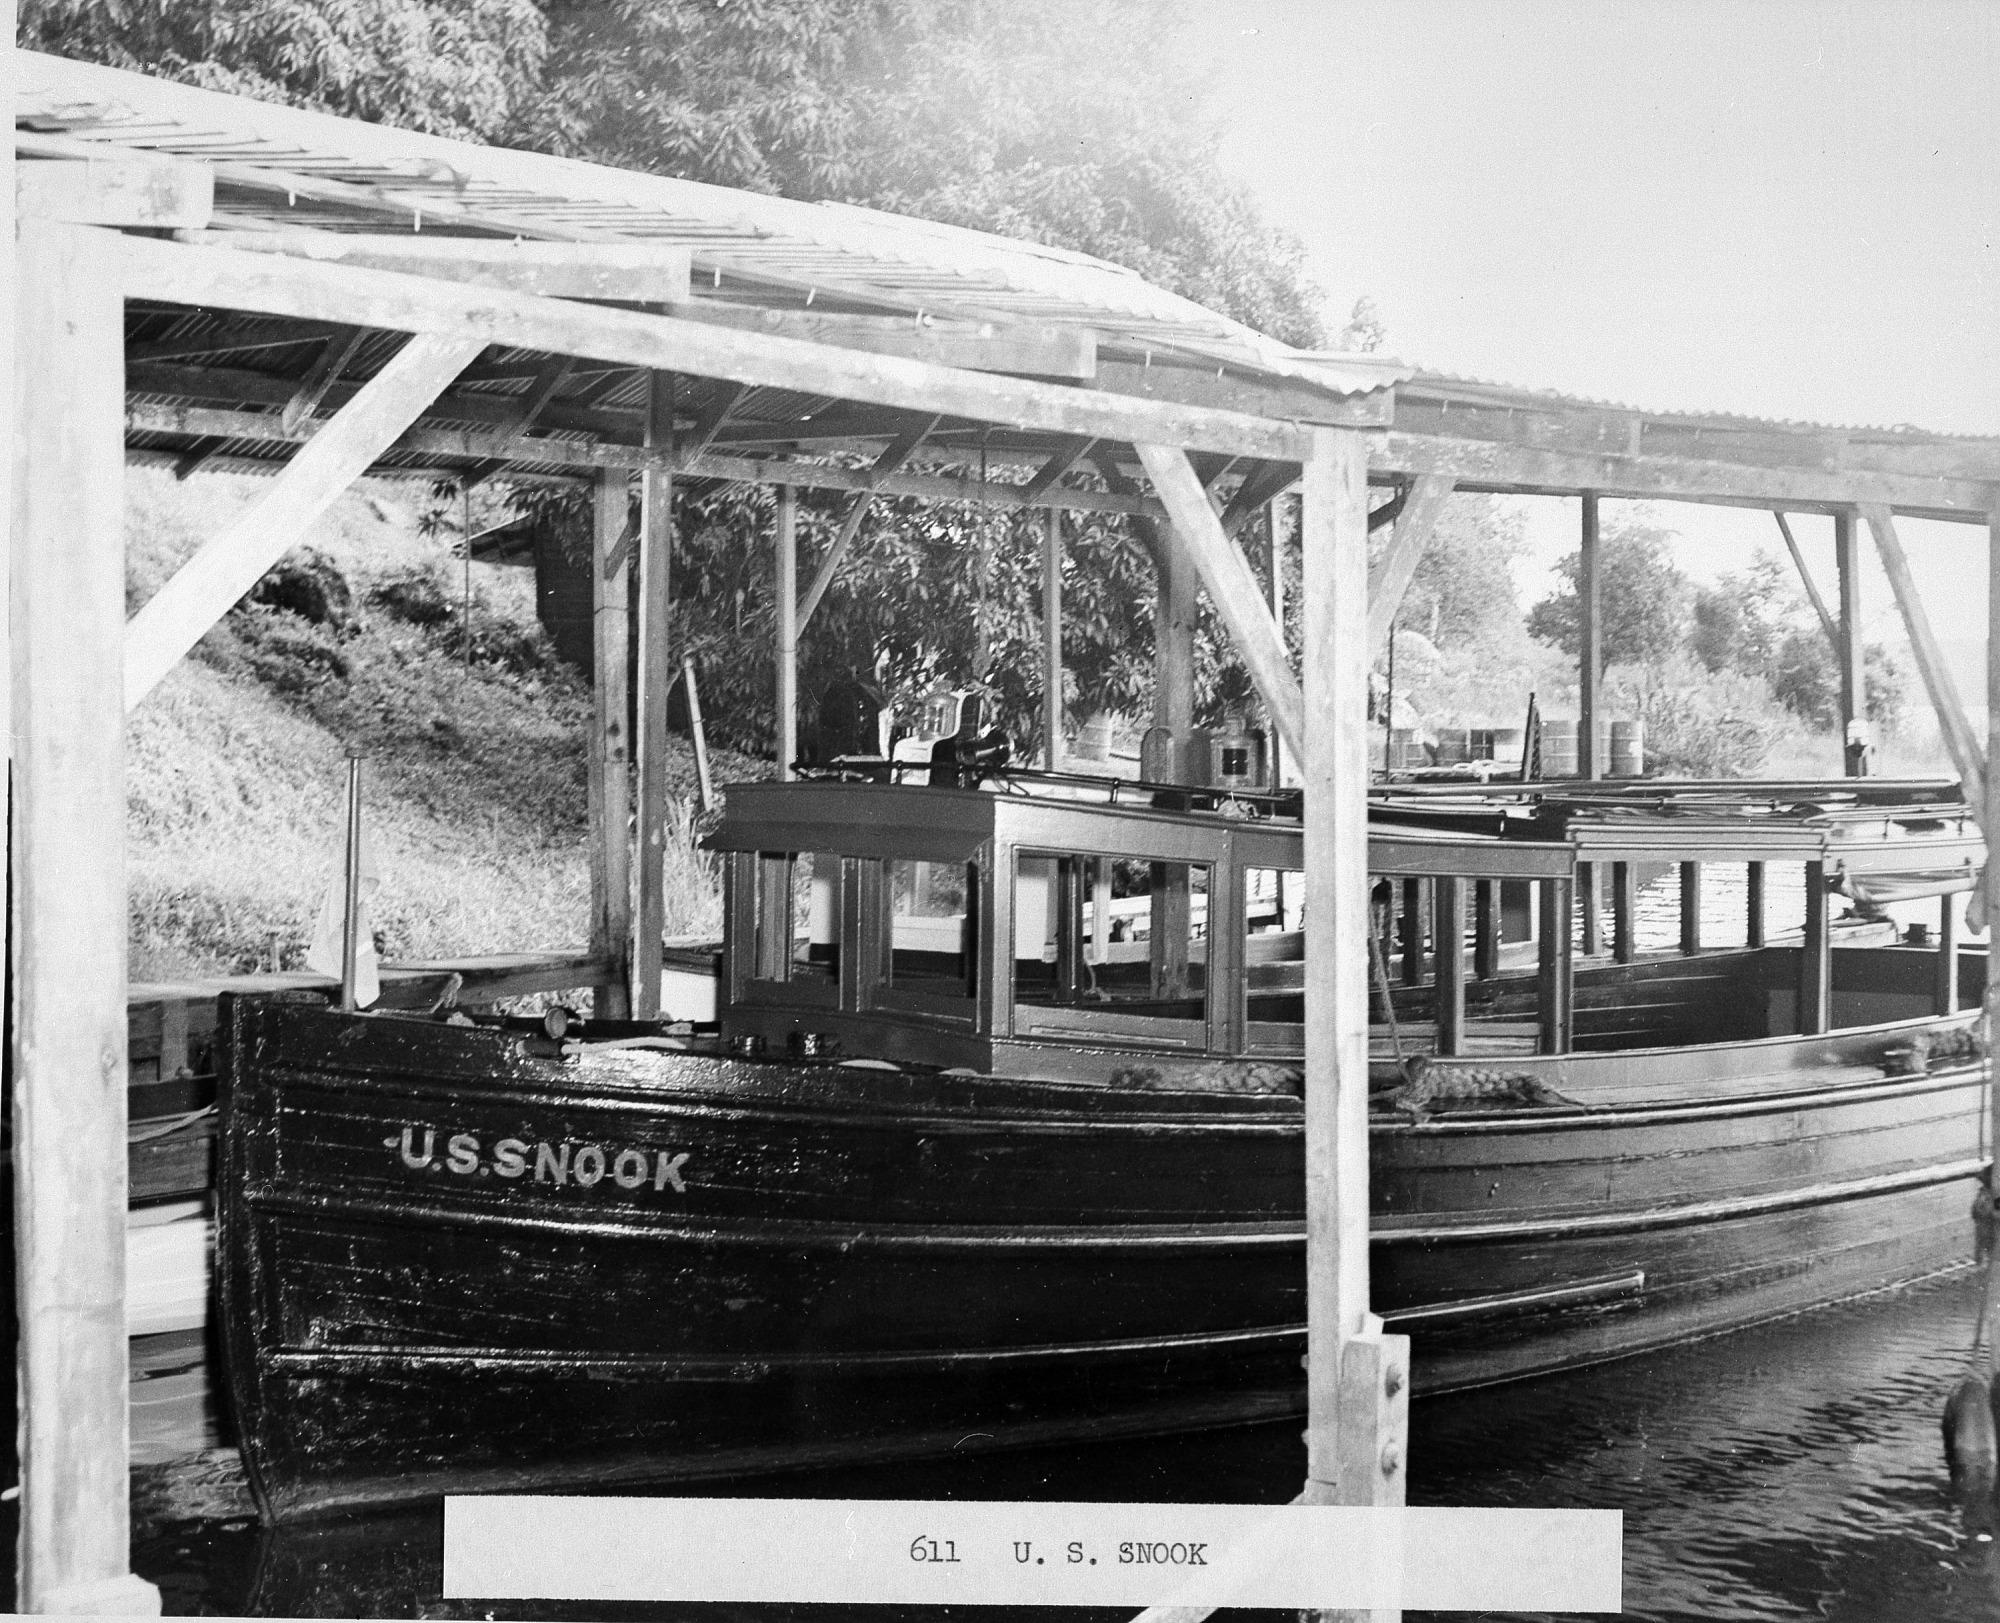 """The Boat """"U.S. Snook"""" at Its Dock, Barro Colorado Island"""